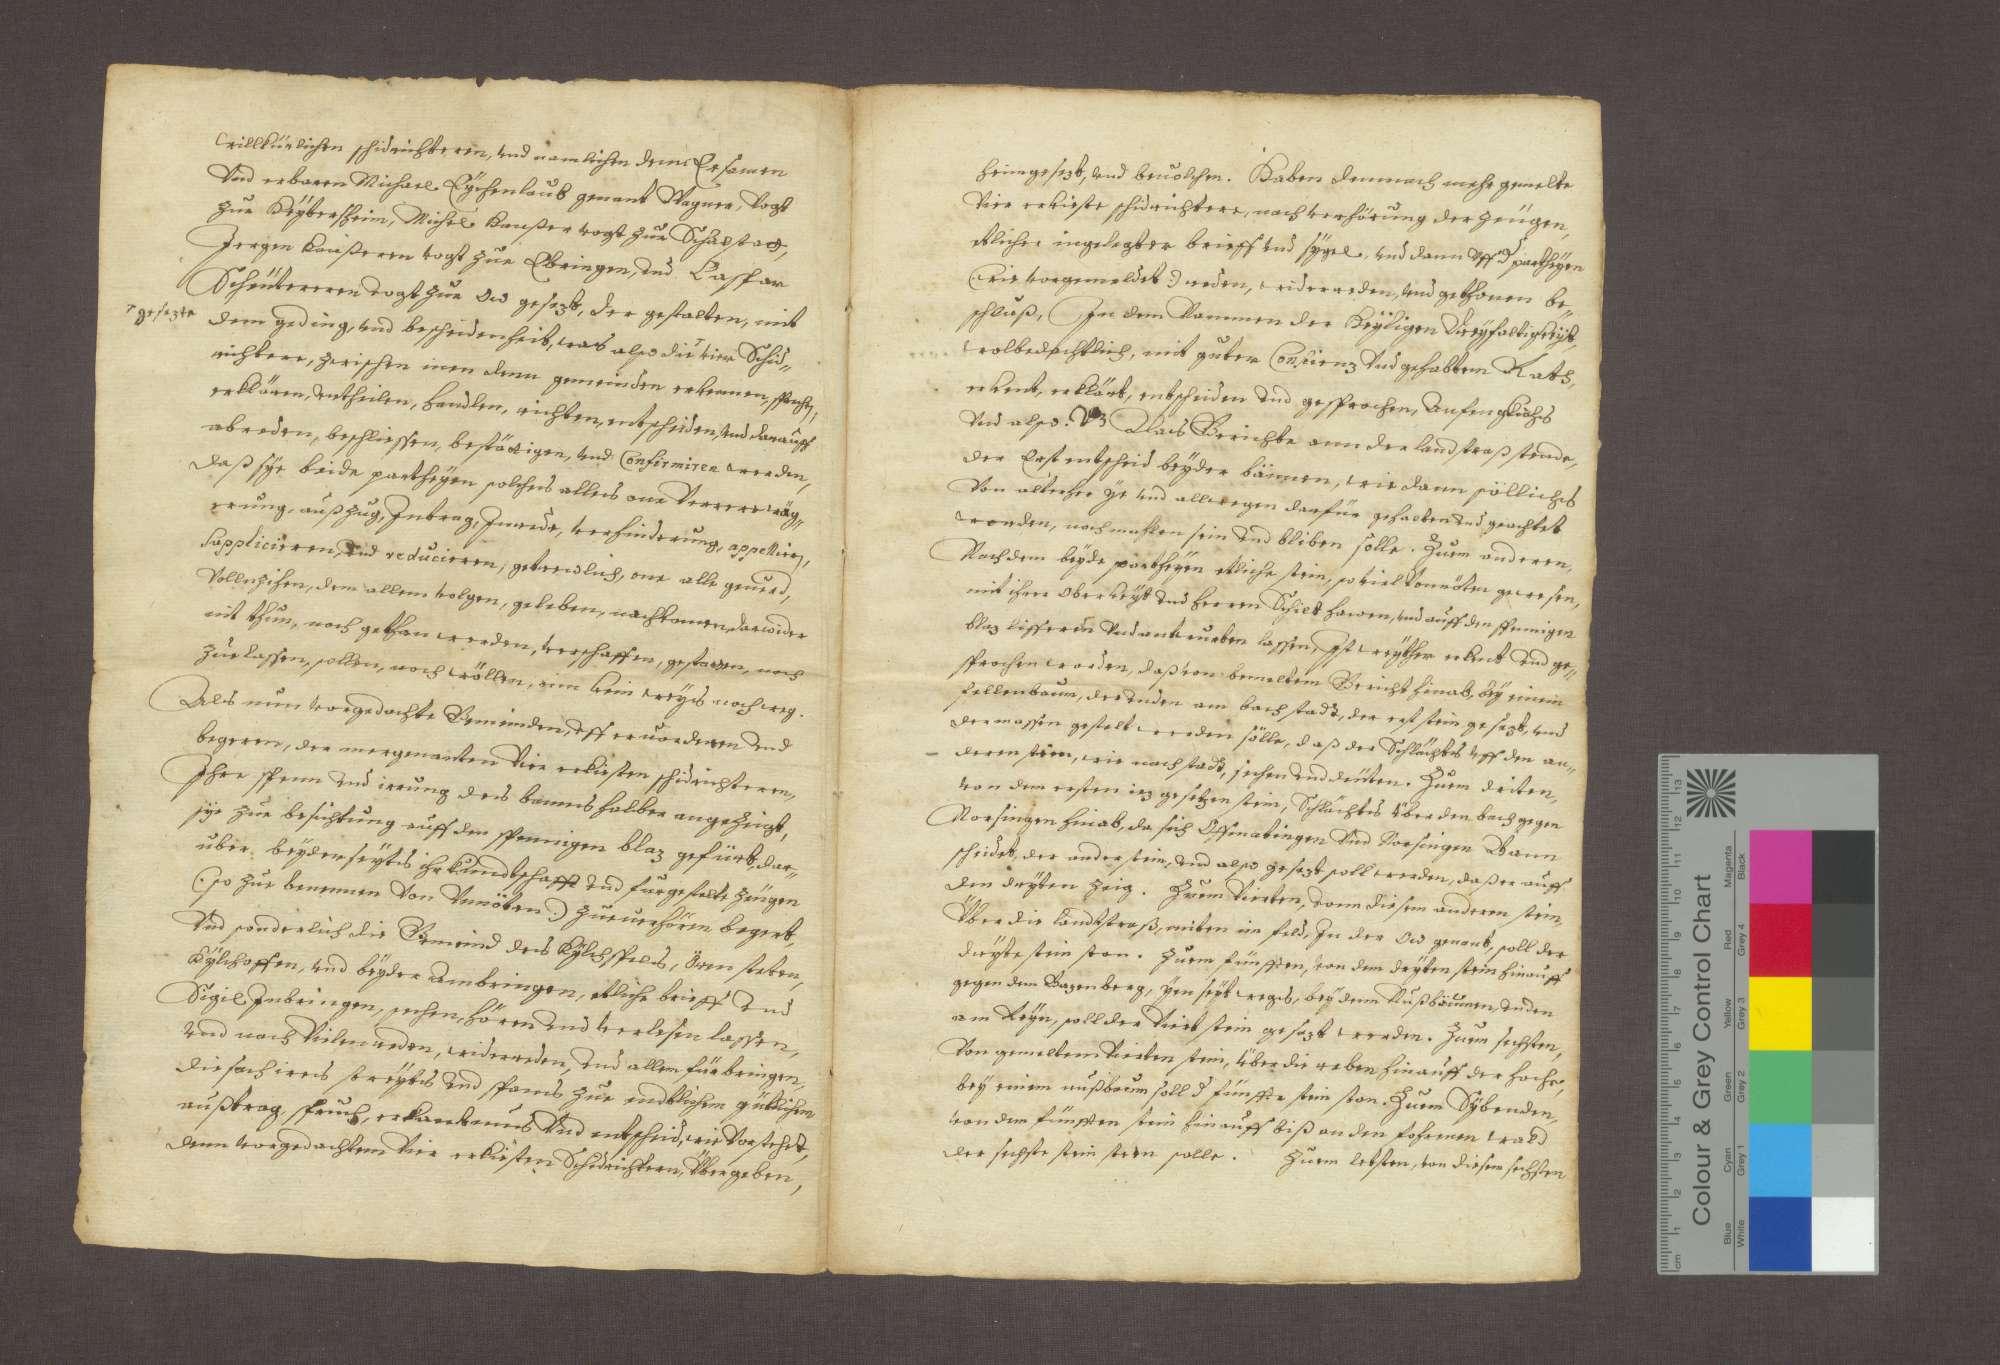 Vergleich zwischen den Gemeinden Ehrenstetten, Kirchhofen und Ambringen einerseits und Offnadingen und Norsingen andererseits wegen der Bannrechte., Bild 2